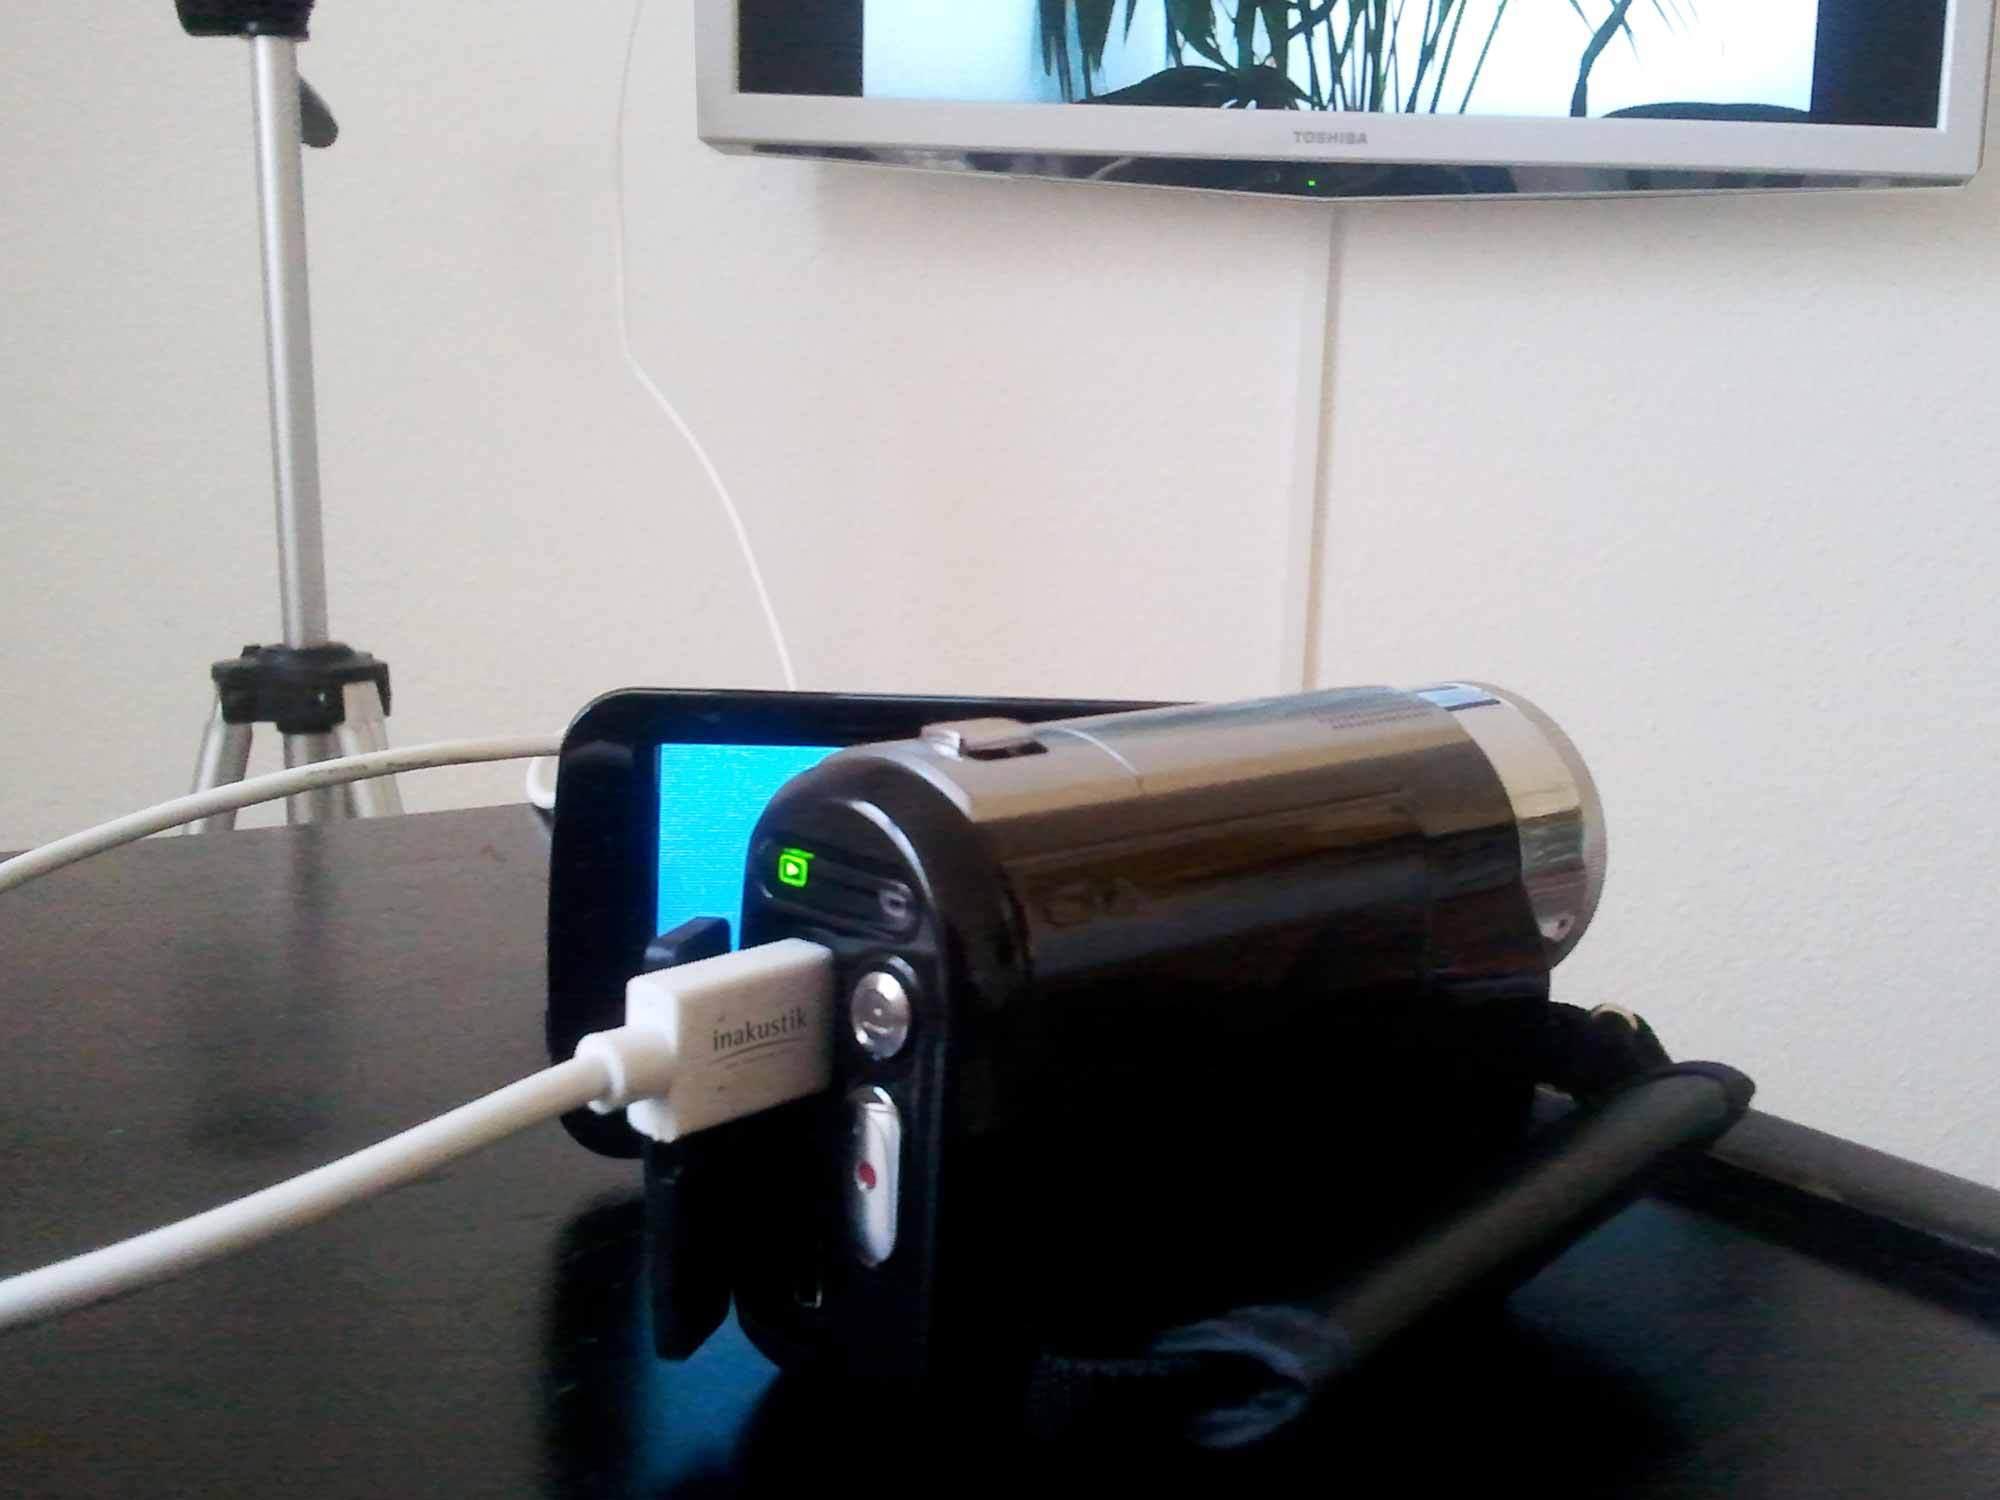 Inakustik Premium HDMI XS mini